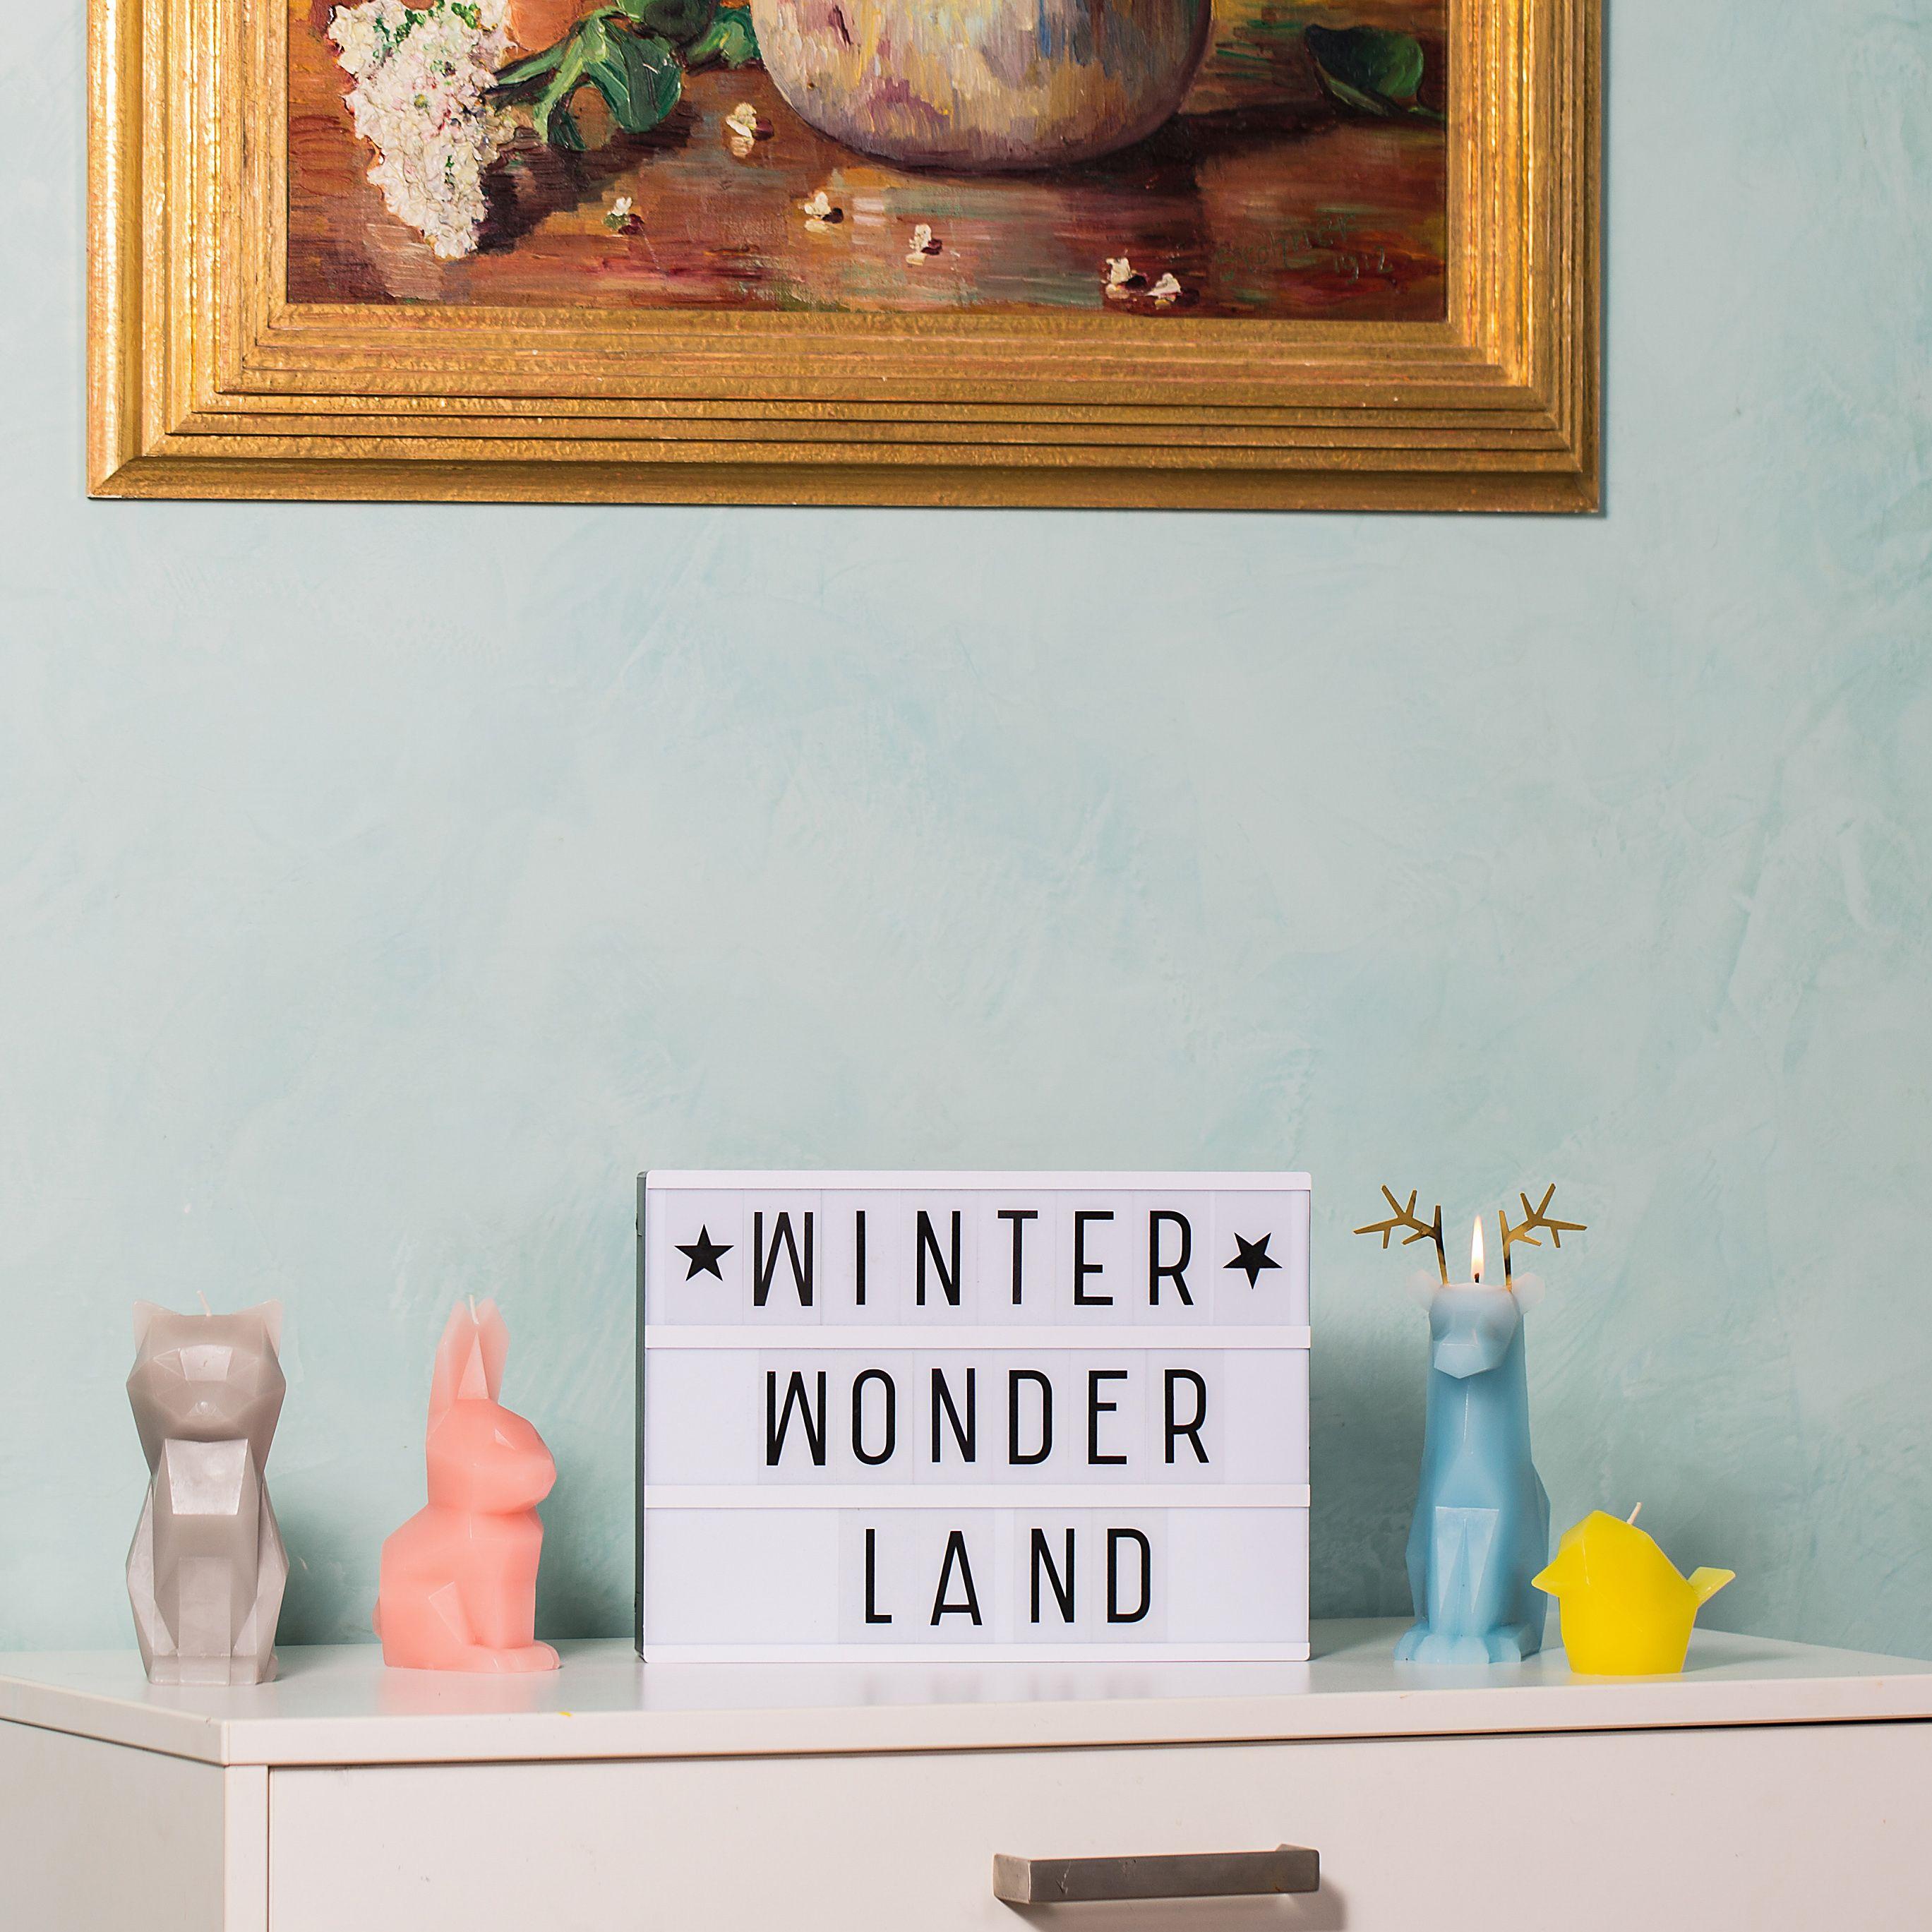 winter wonder land inspirierende spr che f r die weihnachtszeit schm cke deine wohnung mit. Black Bedroom Furniture Sets. Home Design Ideas